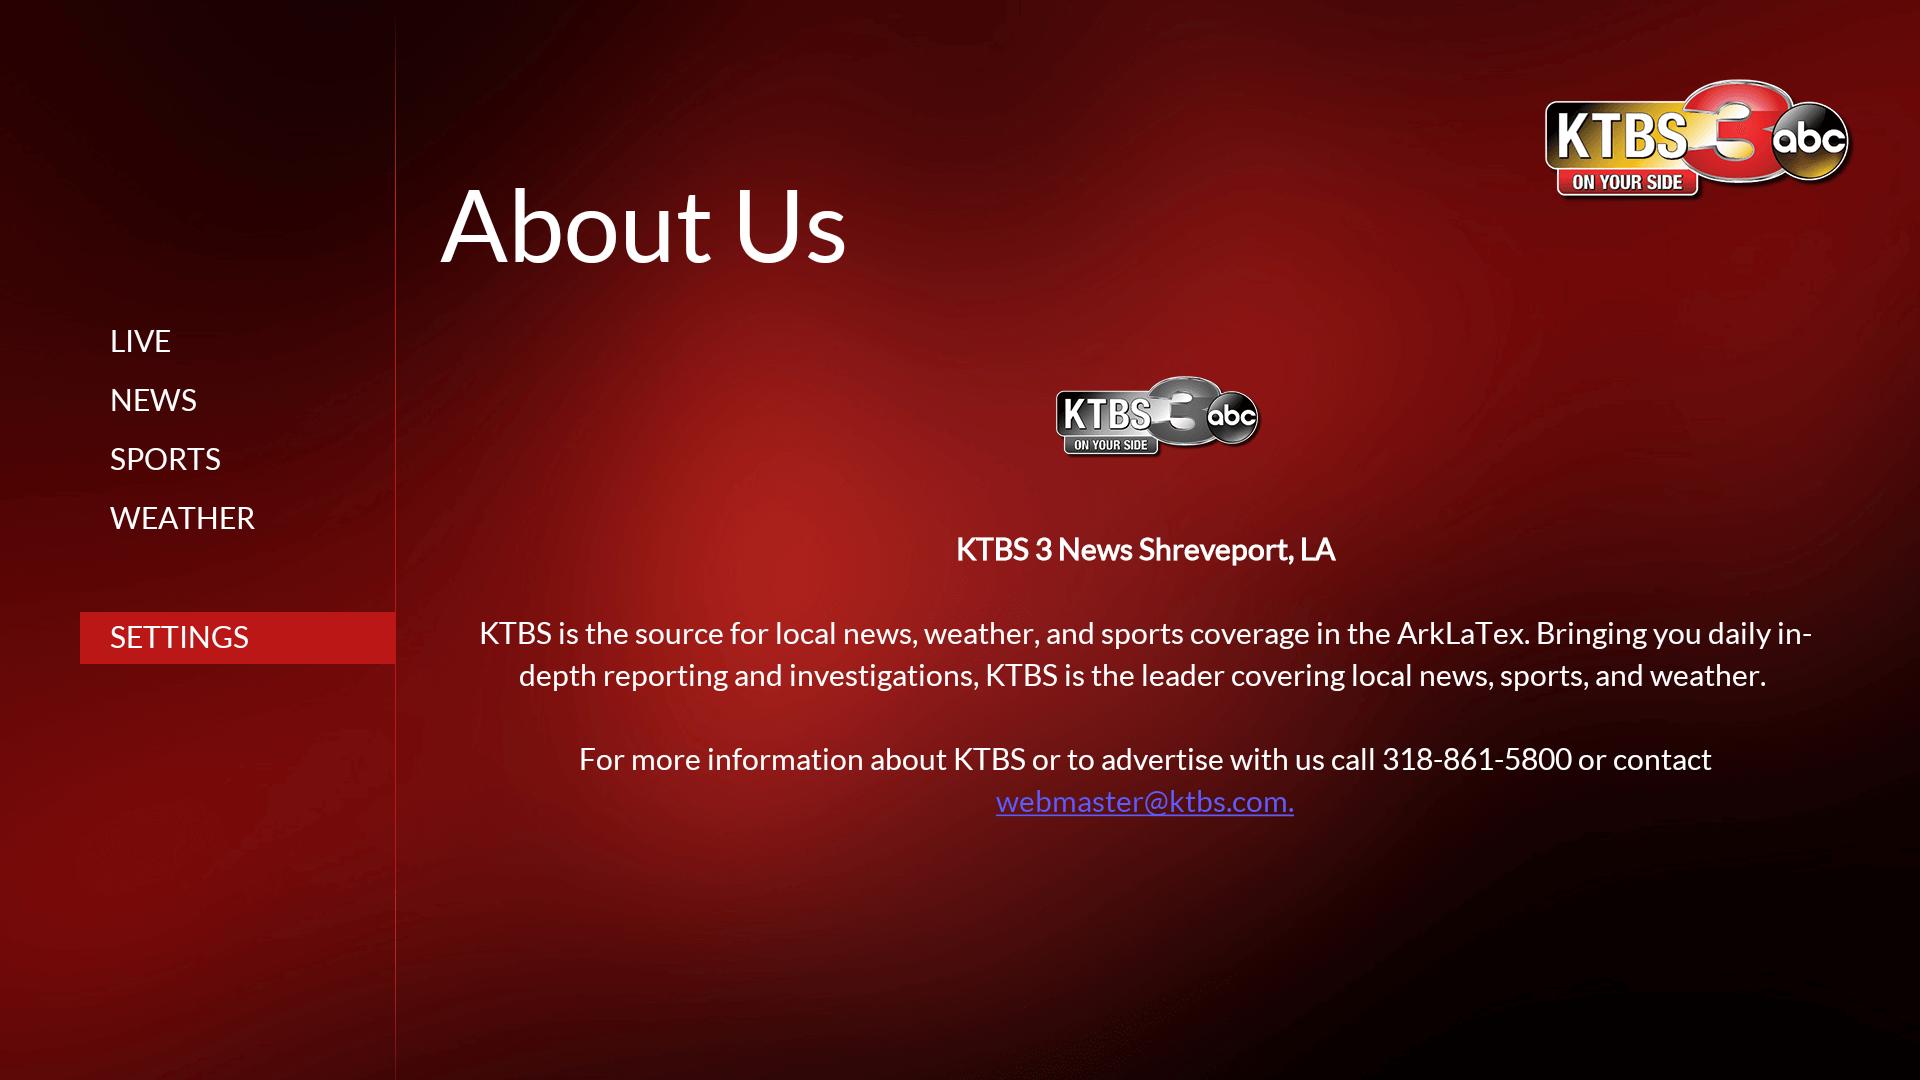 KTBS 3 News Shreveport